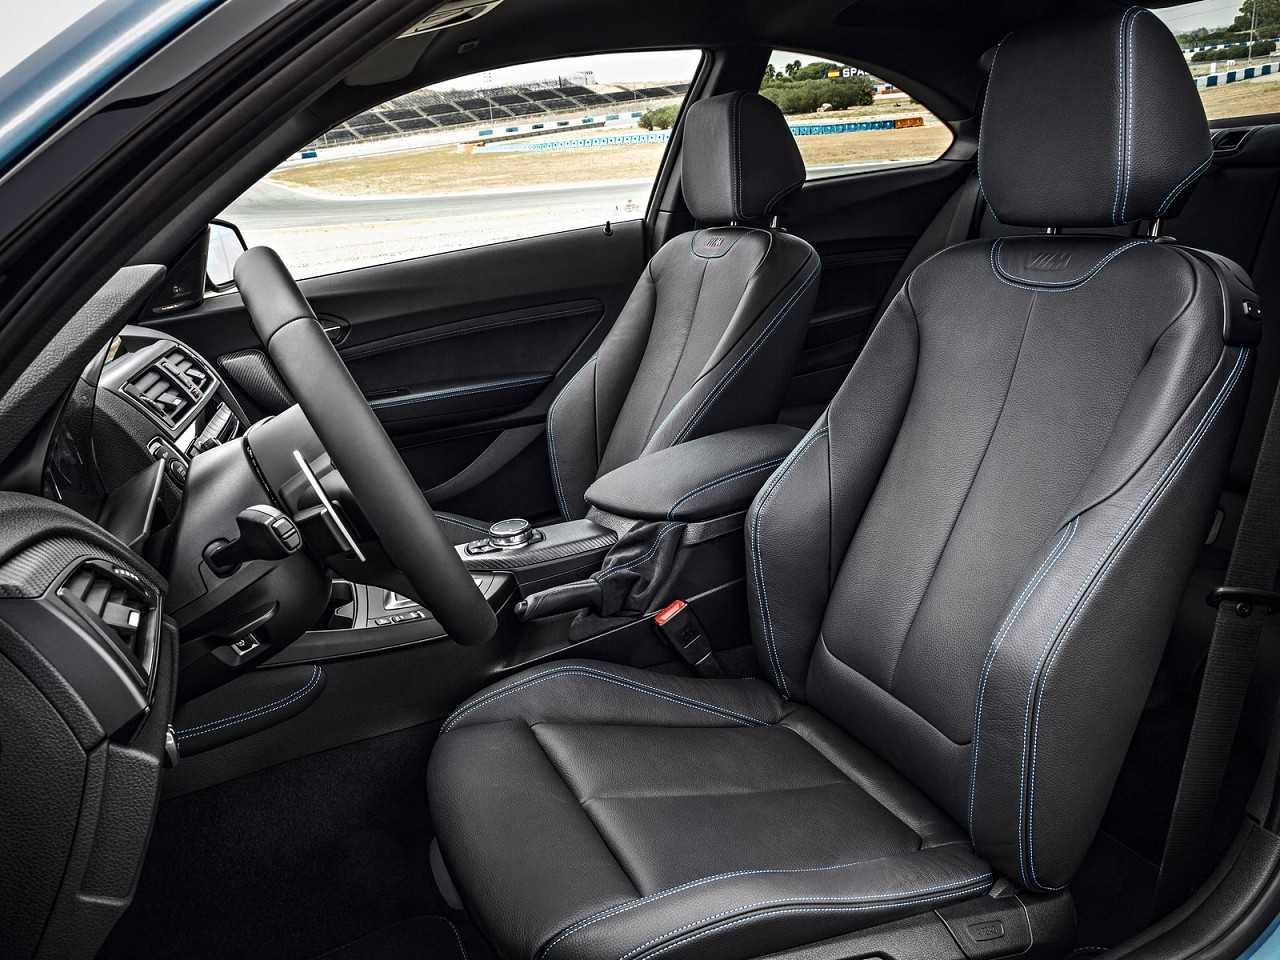 BMWM2 2016 - bancos dianteiros